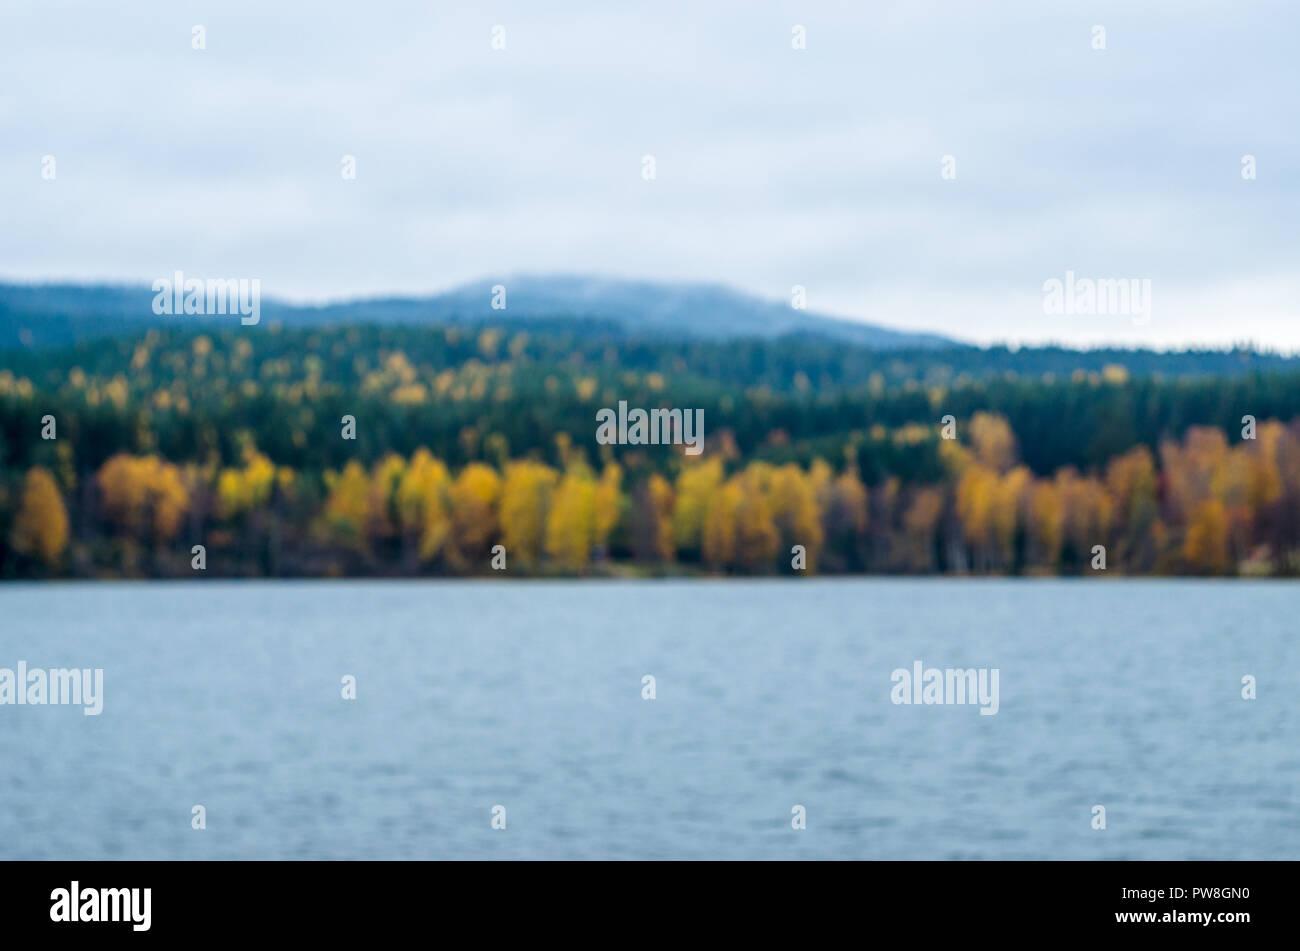 Arrière-plan flou- automne paysage norvégien (forêt boréale avec arbres jaunes). Banque D'Images